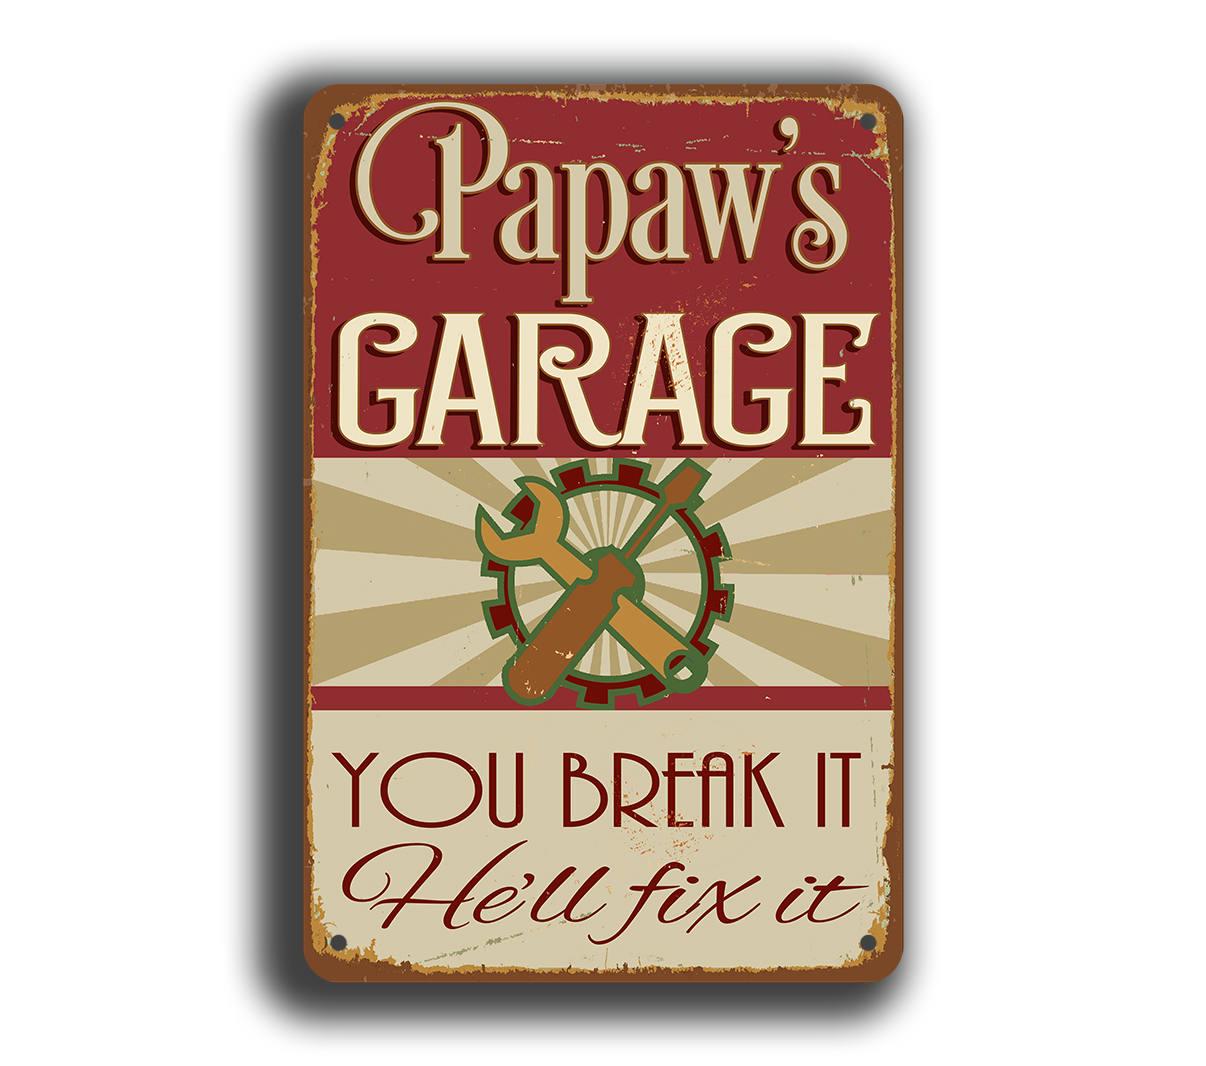 Papaws-Garage-Sign-4